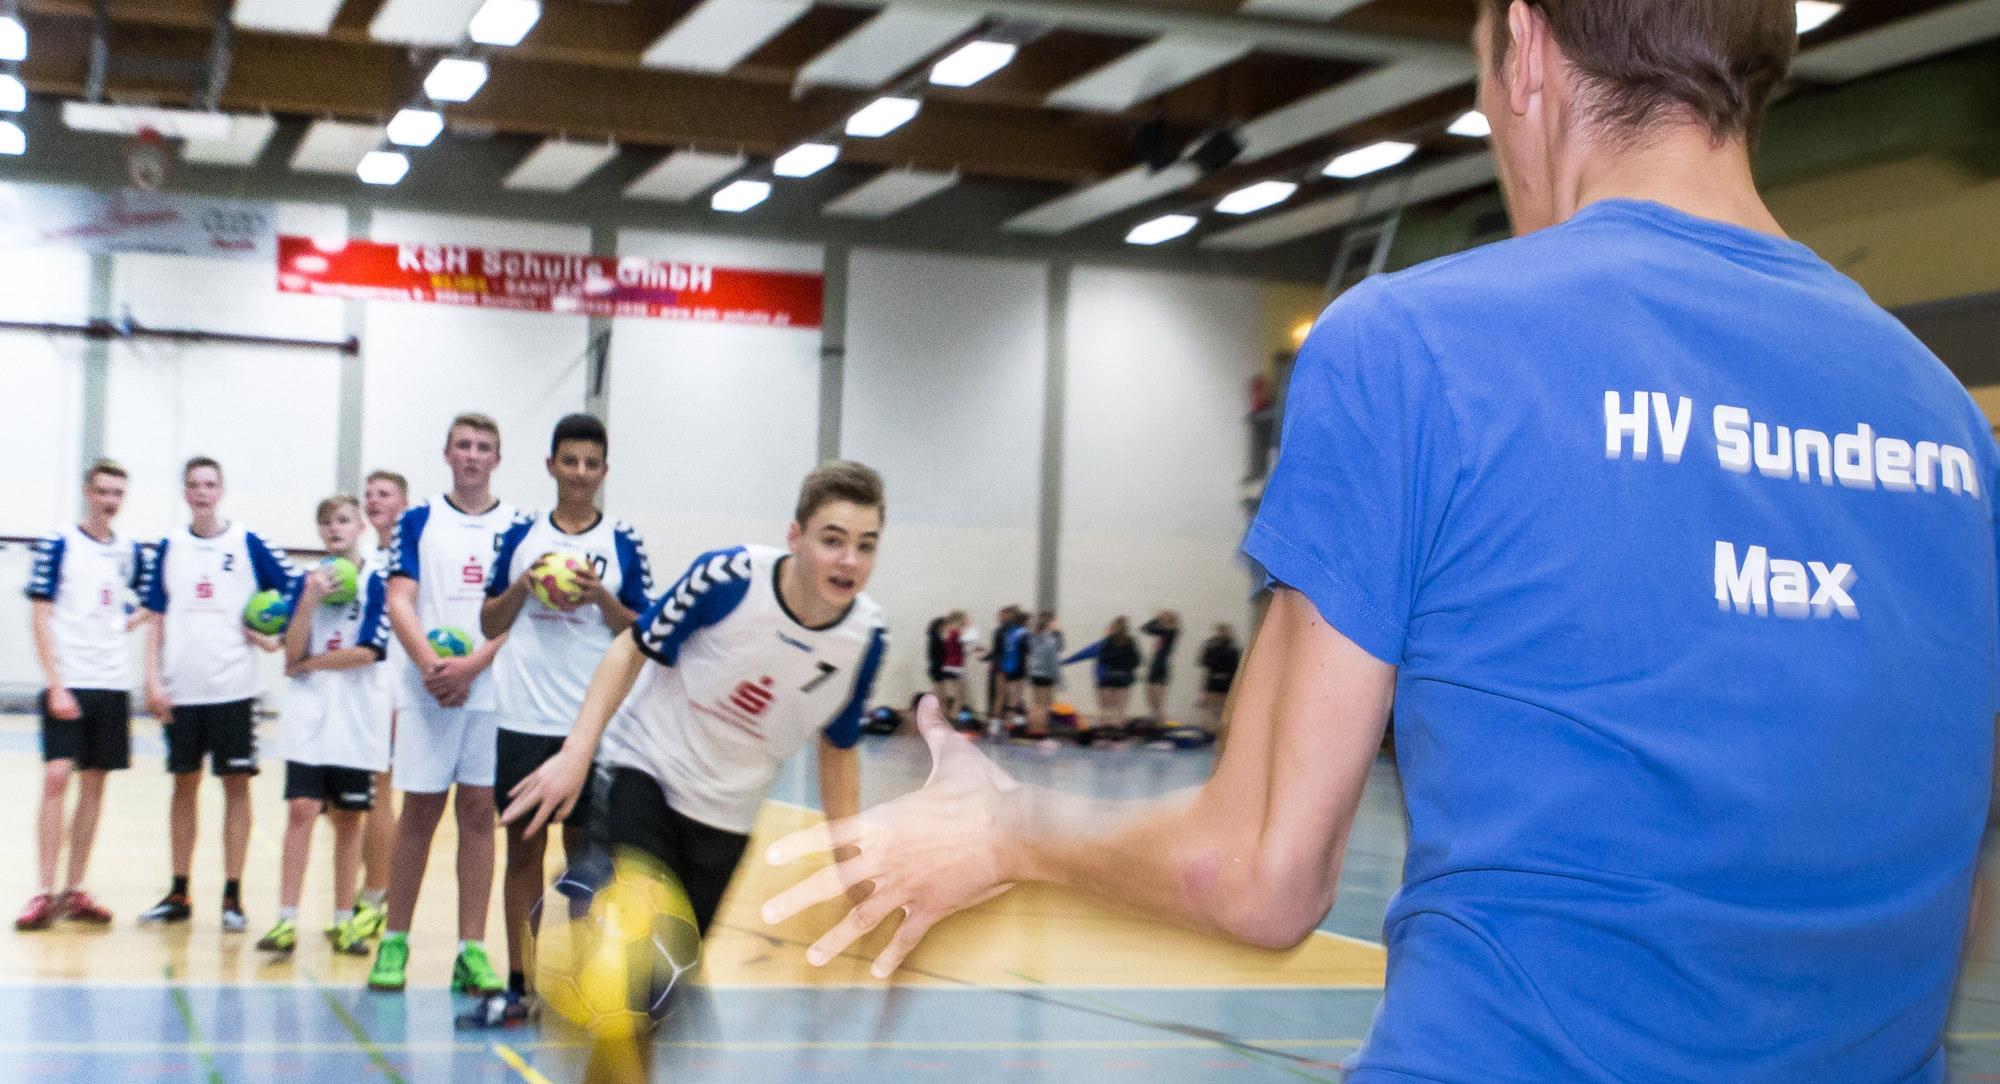 40 Jahre Handballverein Sundern